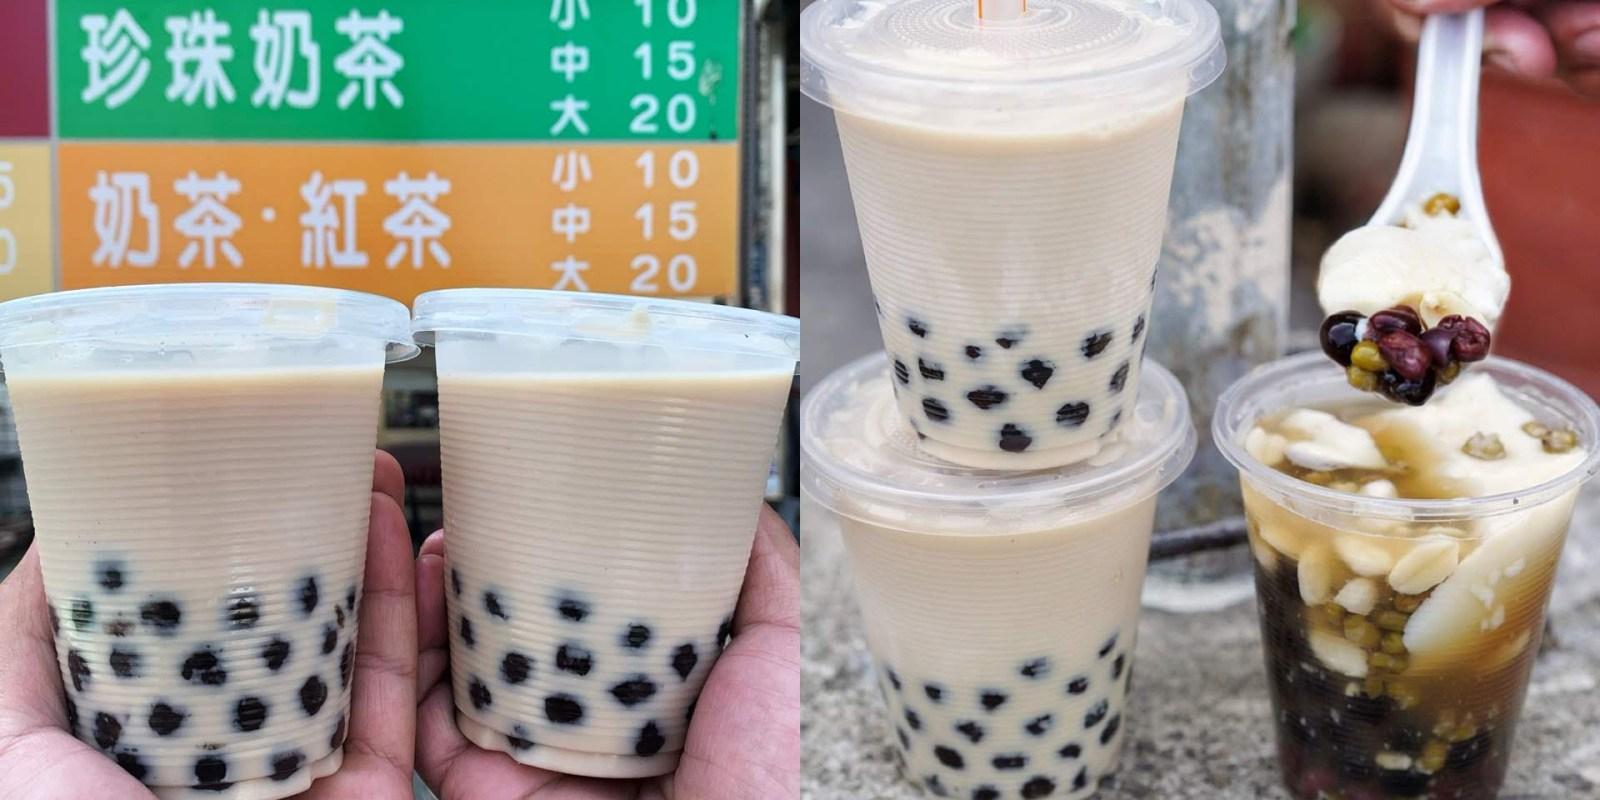 【銅板美食】沒想到2020年還喝得到『10元珍珠奶茶』位於苗栗玉清宮旁,另有販售豆花、燒仙草、綠豆冰沙等等平價點心!